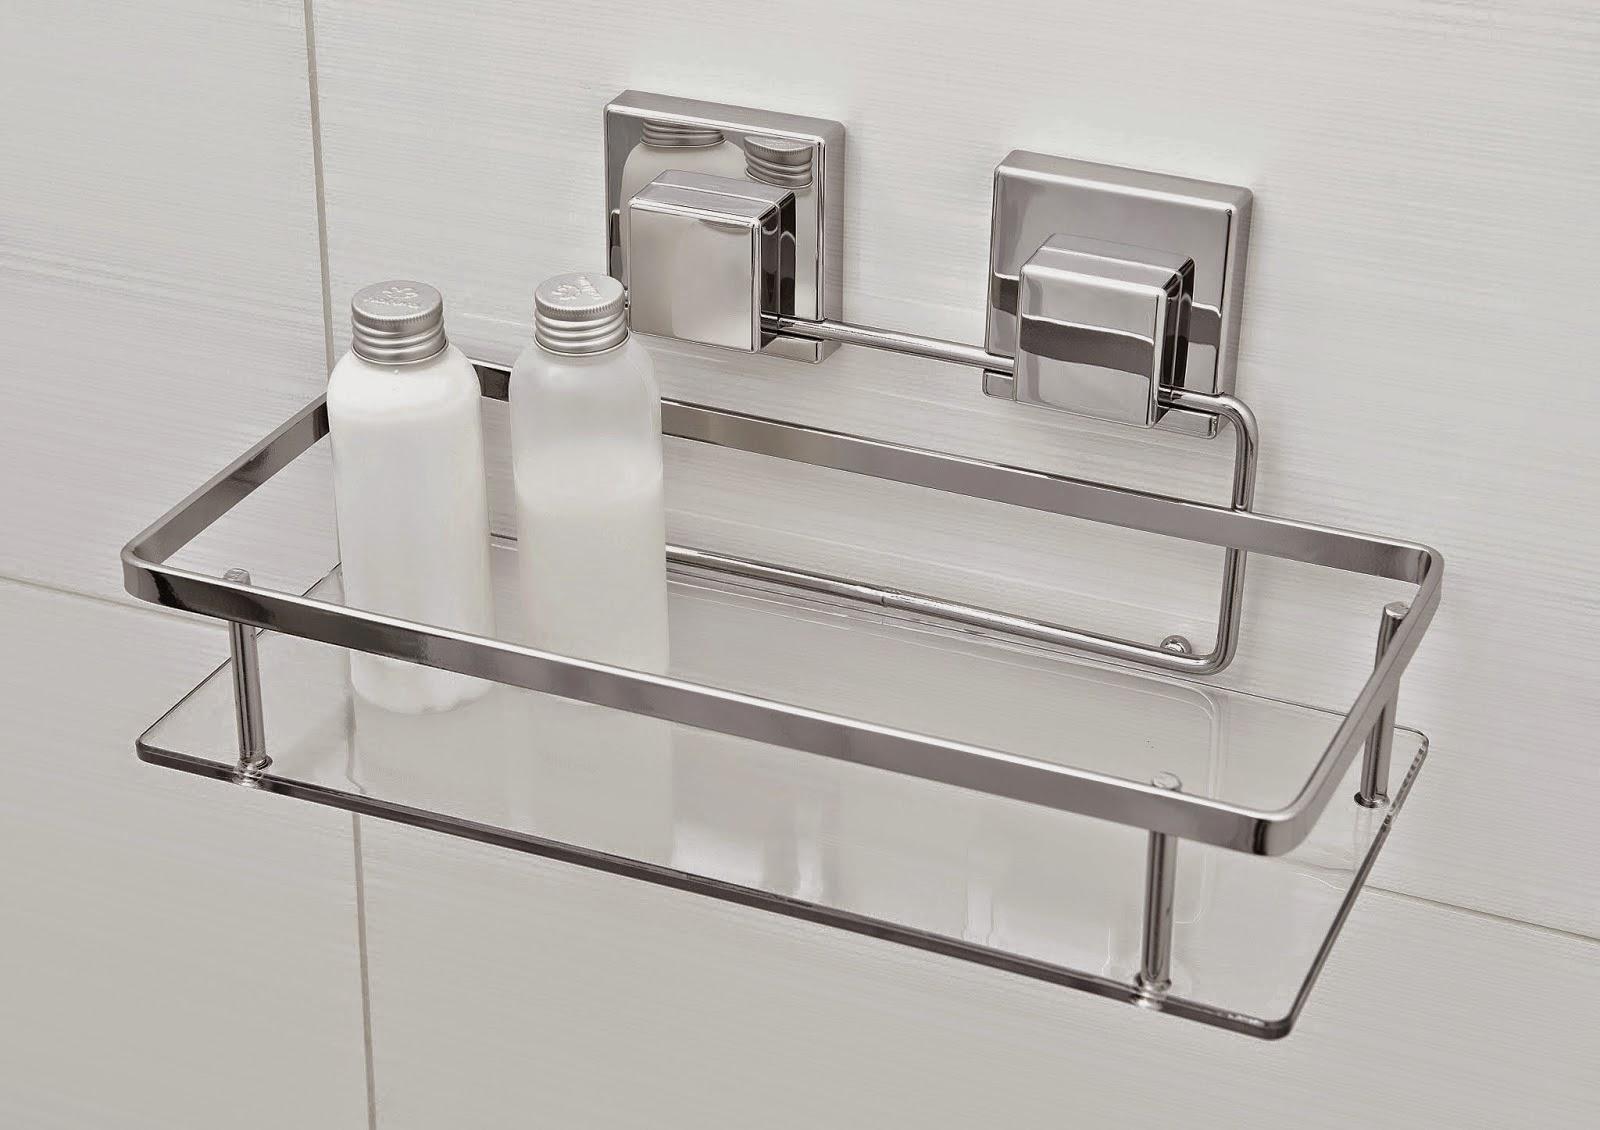 Babuchy Decor: Banheiros organizados sem furos #403734 1600x1130 Acessorios Banheiro Sucção